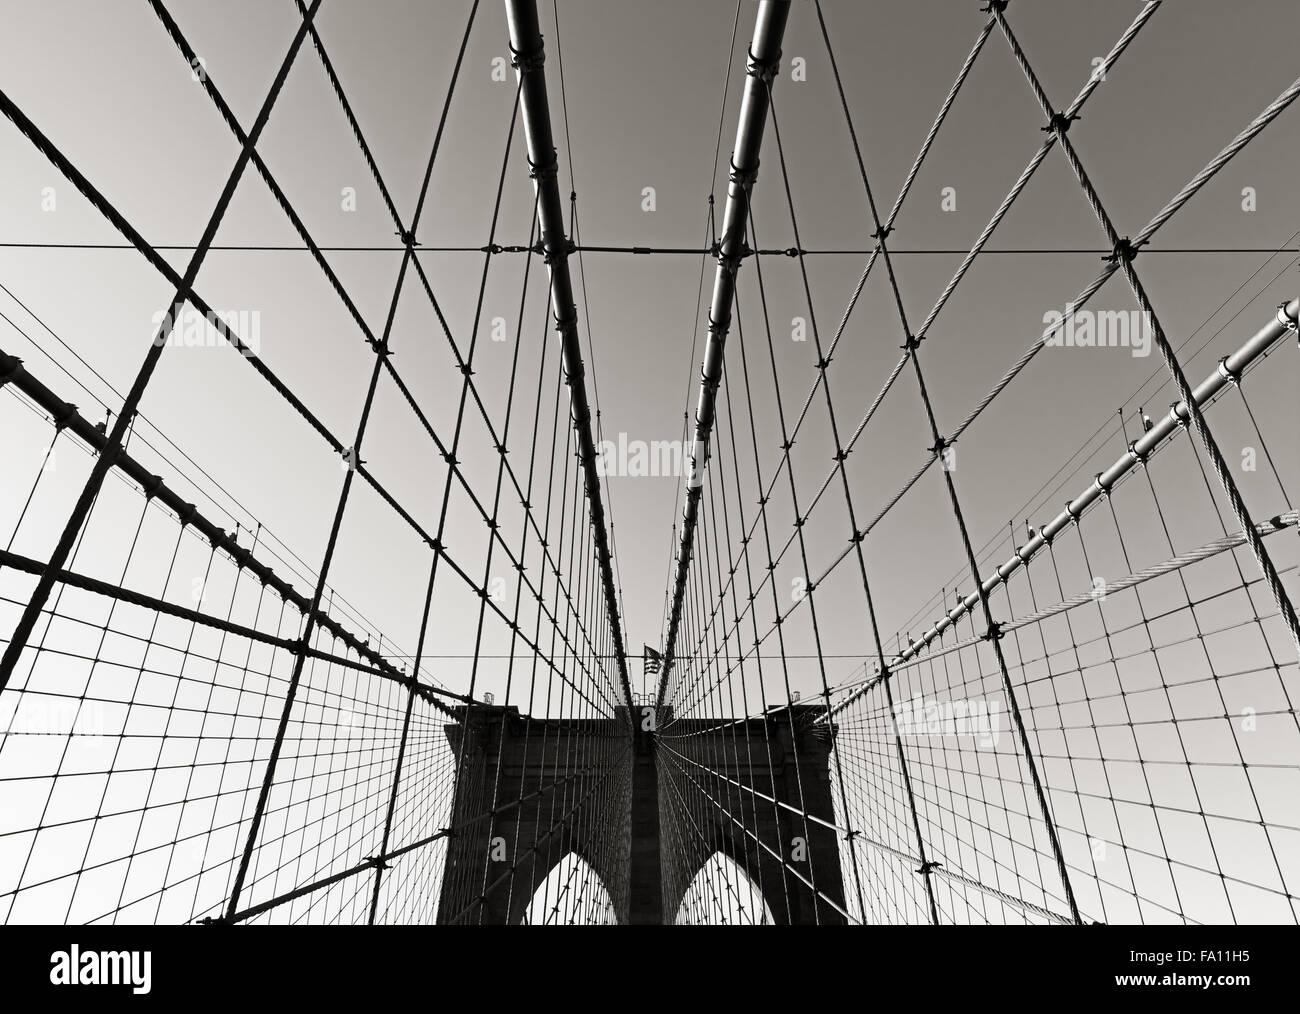 Tour du pont de Brooklyn, en noir et blanc, avec double arches gothiques et des câbles de suspension symétrique, Photo Stock